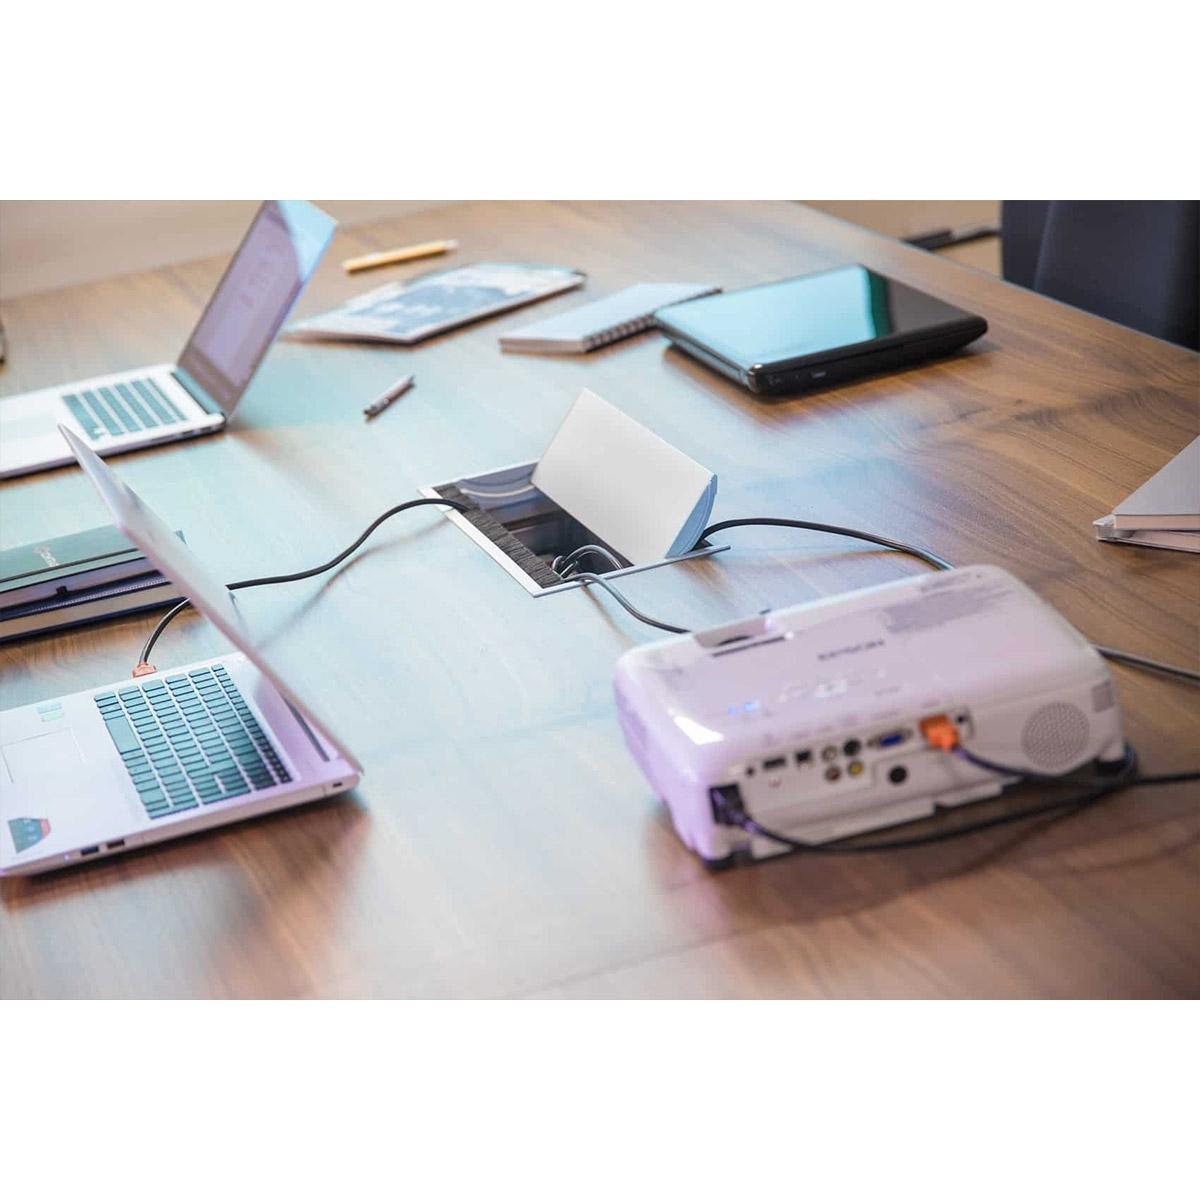 ABL 2U210MIN - Короб для установки розеточных станций серии Link под стол с лючком длиной 247 мм, белый